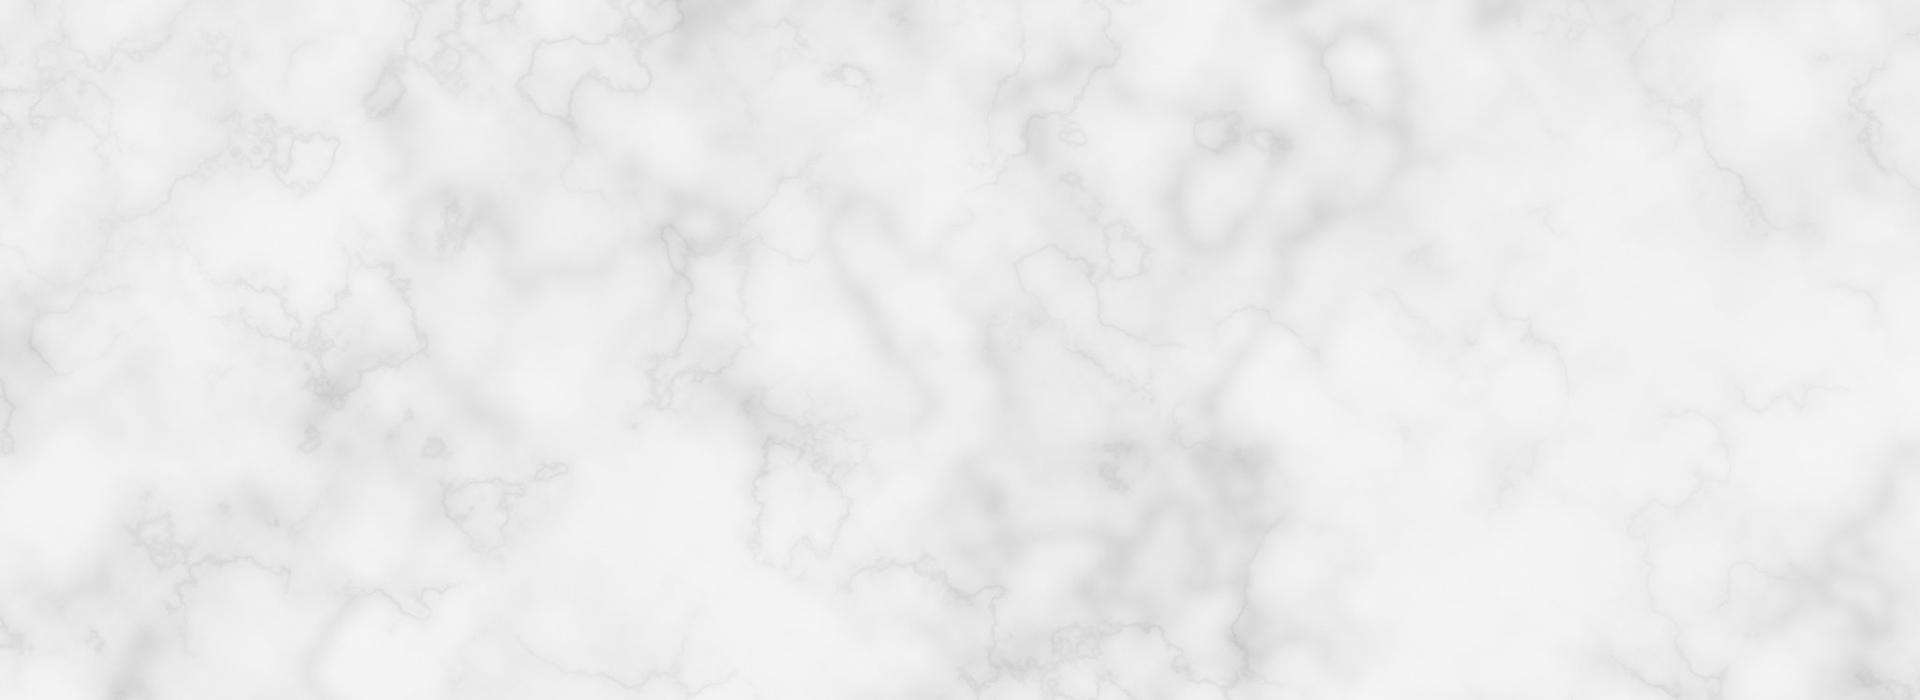 it/articolo/1/chi-siamo/place-vendome-ingrosso-abbigliamento-firmato.html